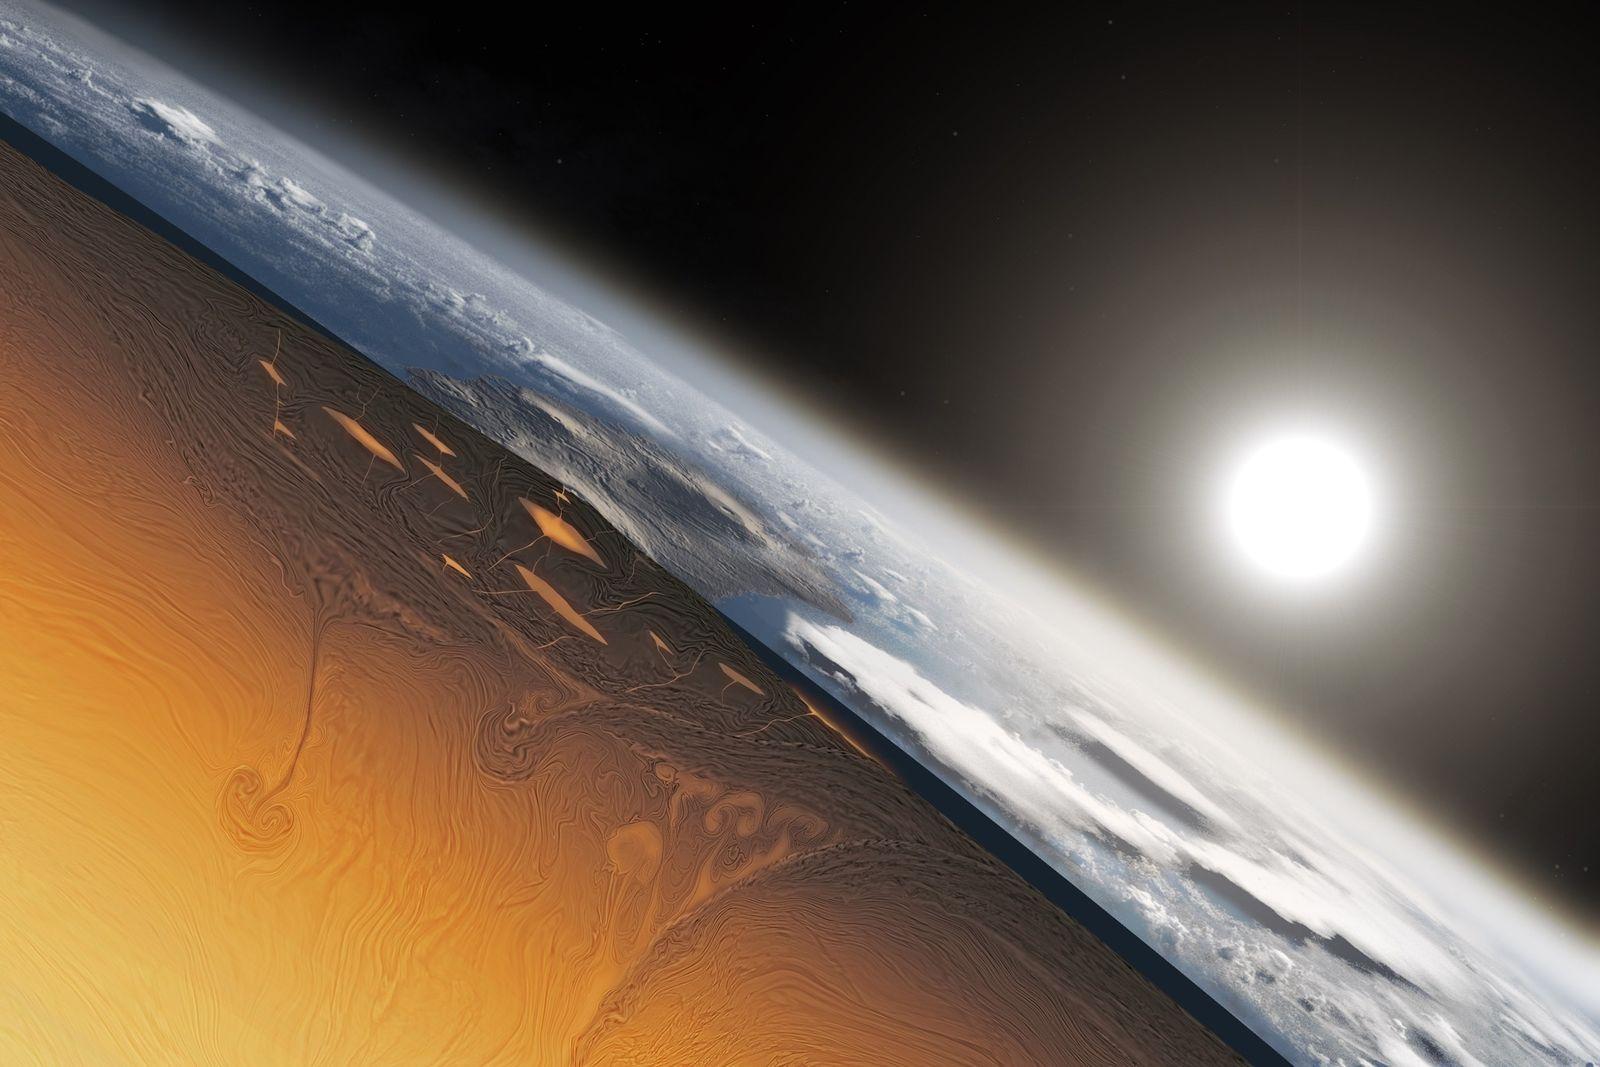 Découverte : la tectonique des plaques aurait commencé il y a 3,2 milliards d'années